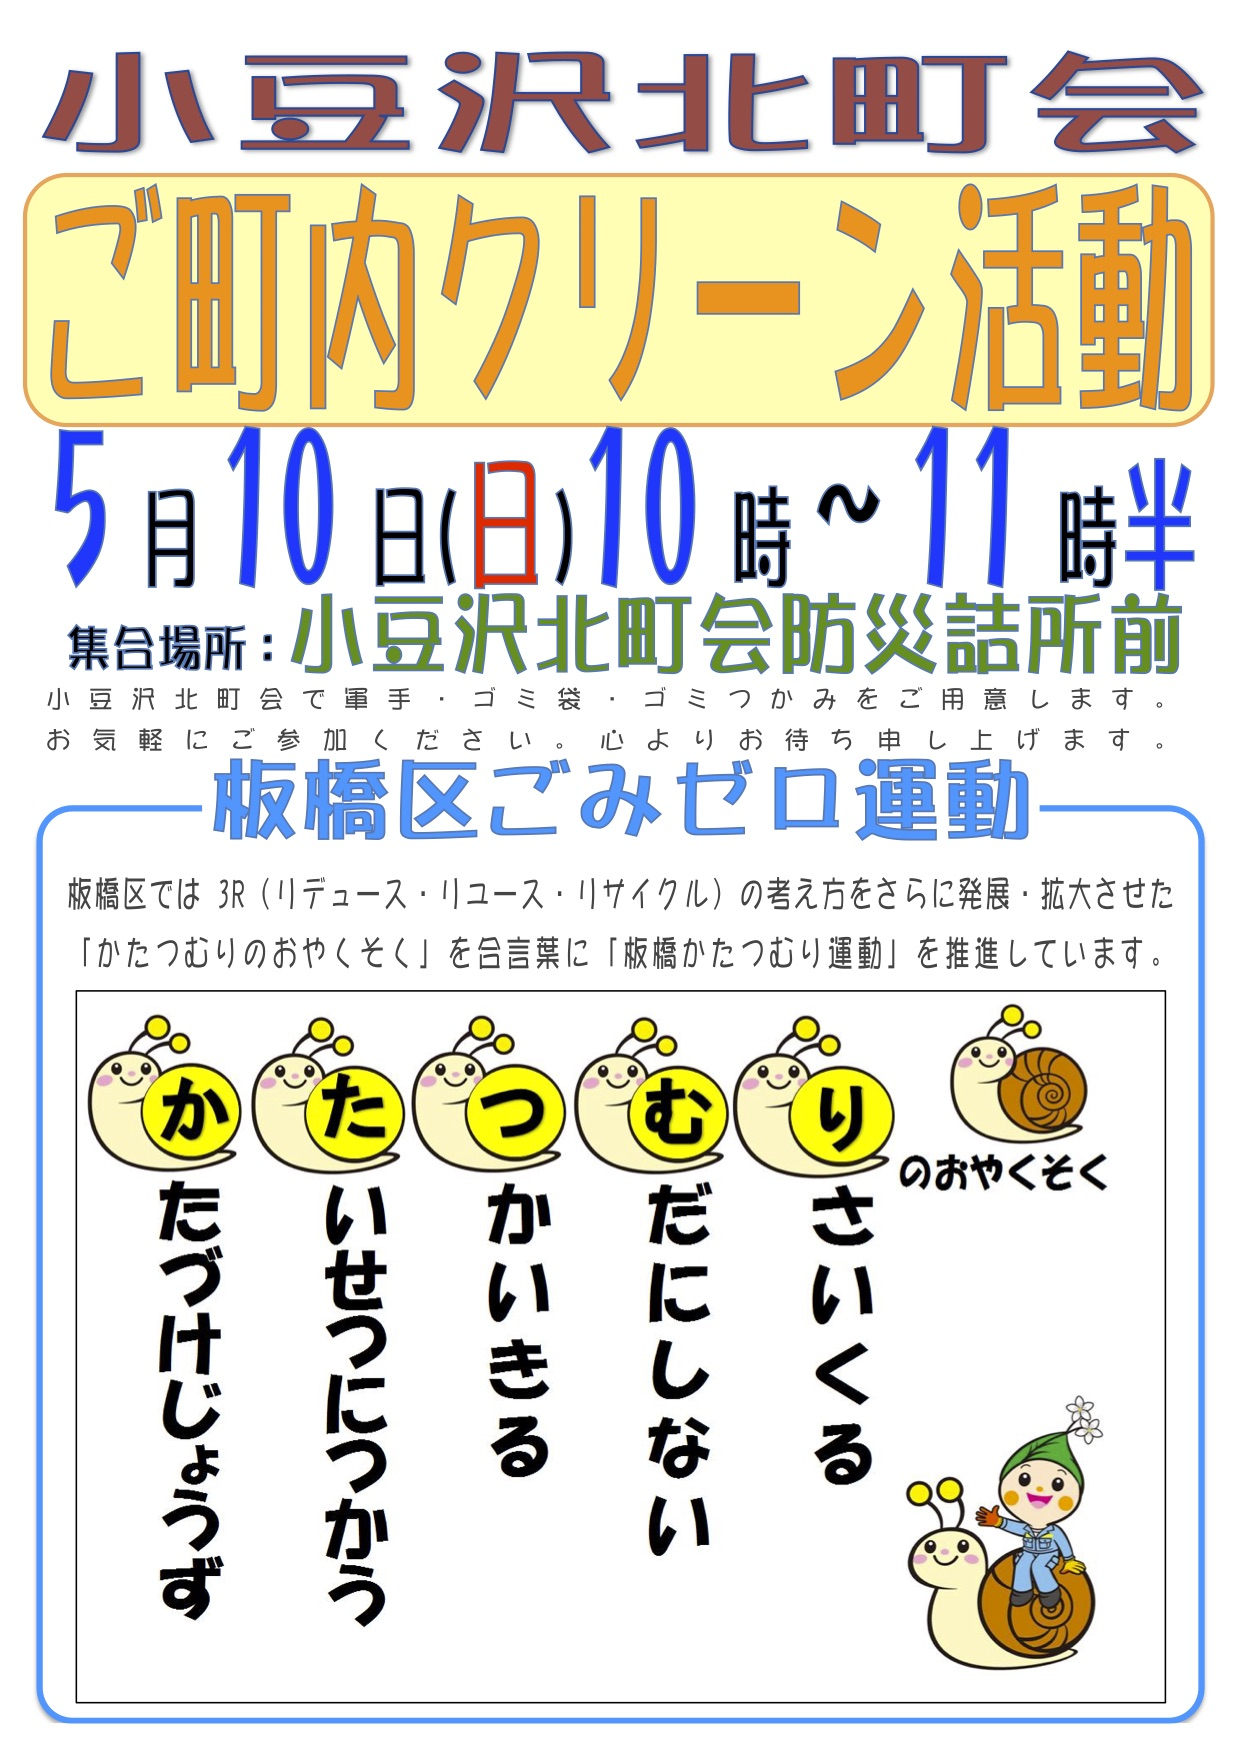 2015年5月10日(日)月例クリーン活動ごみゼロ運動